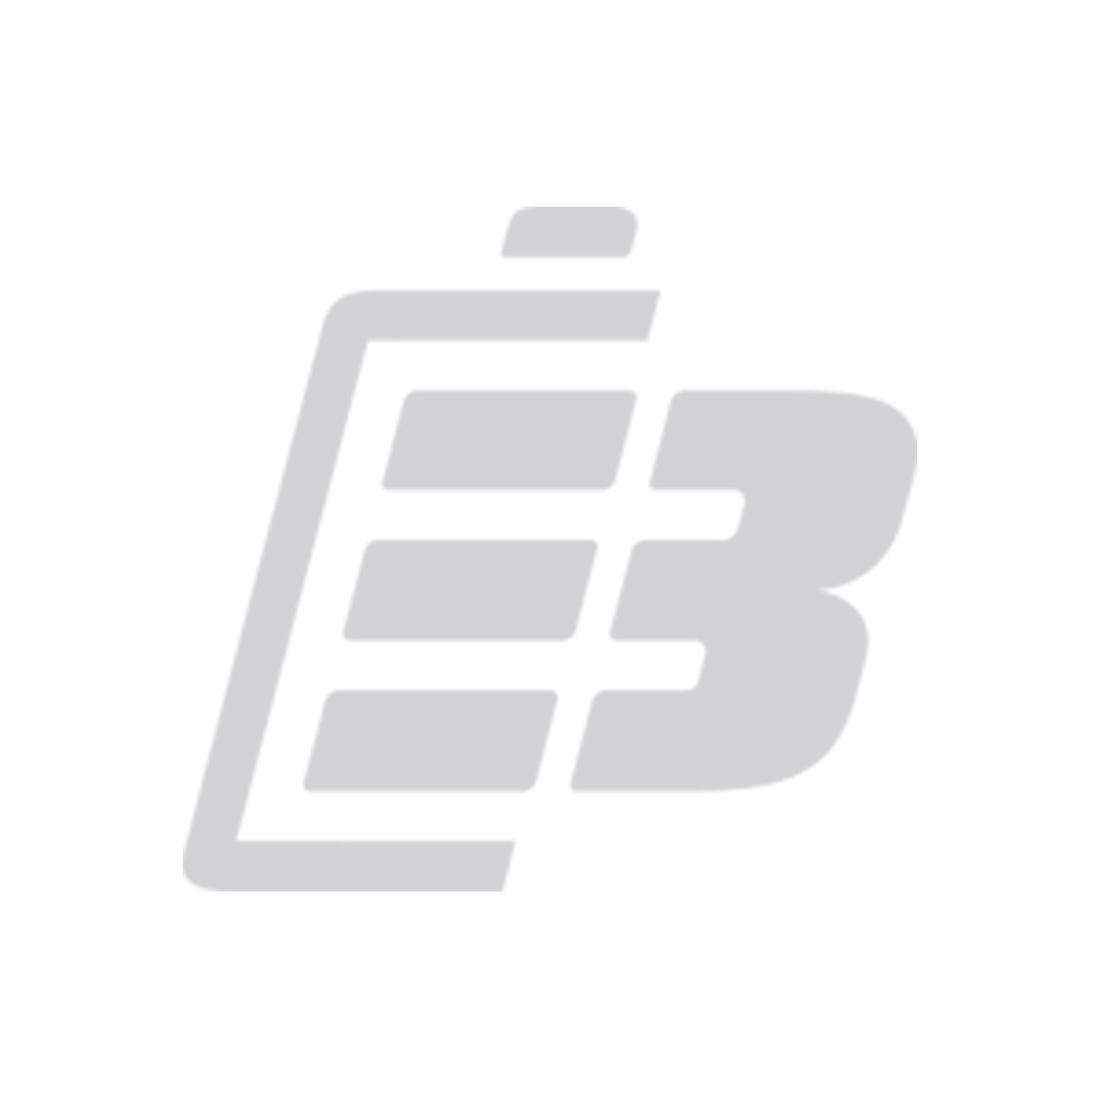 Power tool battery Metabo 14.4V 2.2Ah_1